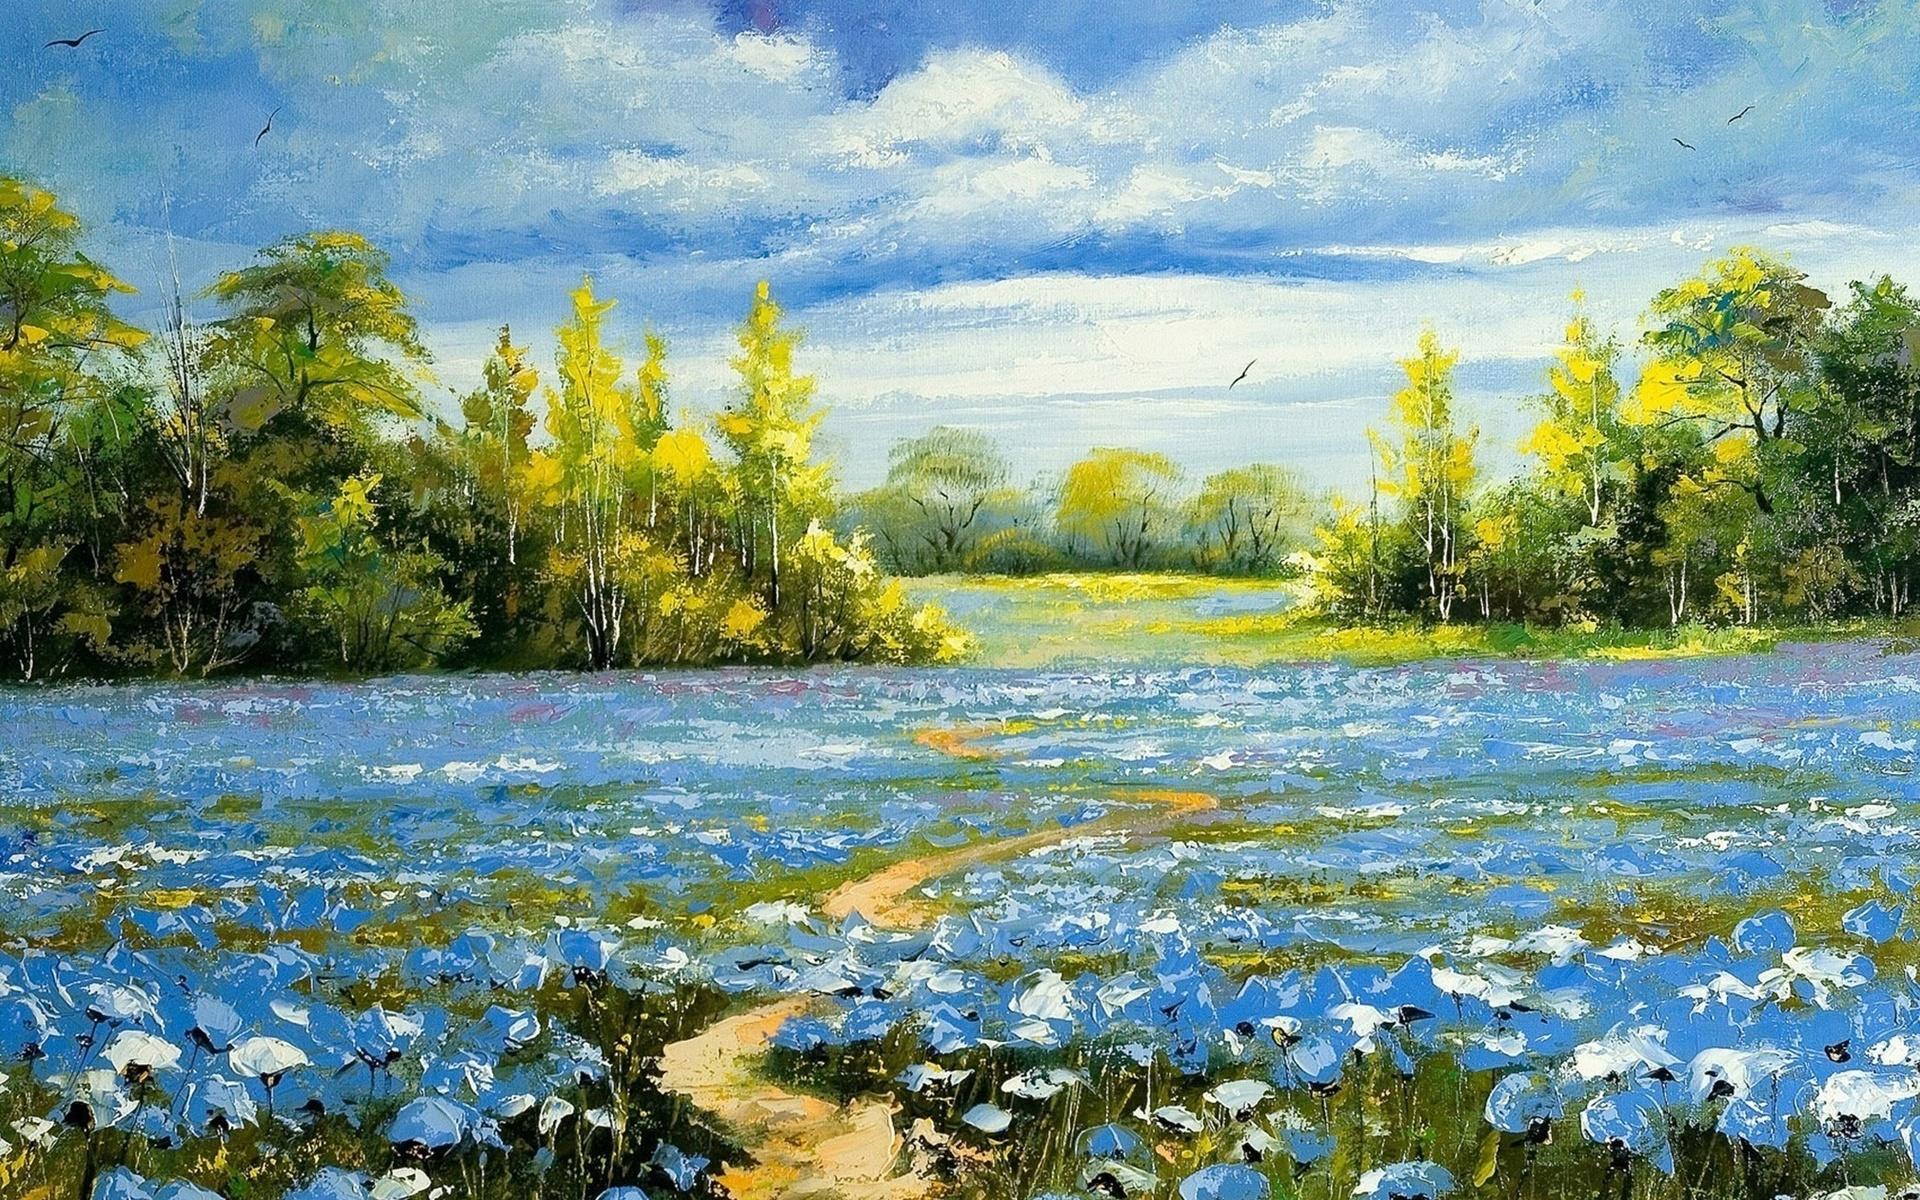 Пейзаж картинки с цветами миске